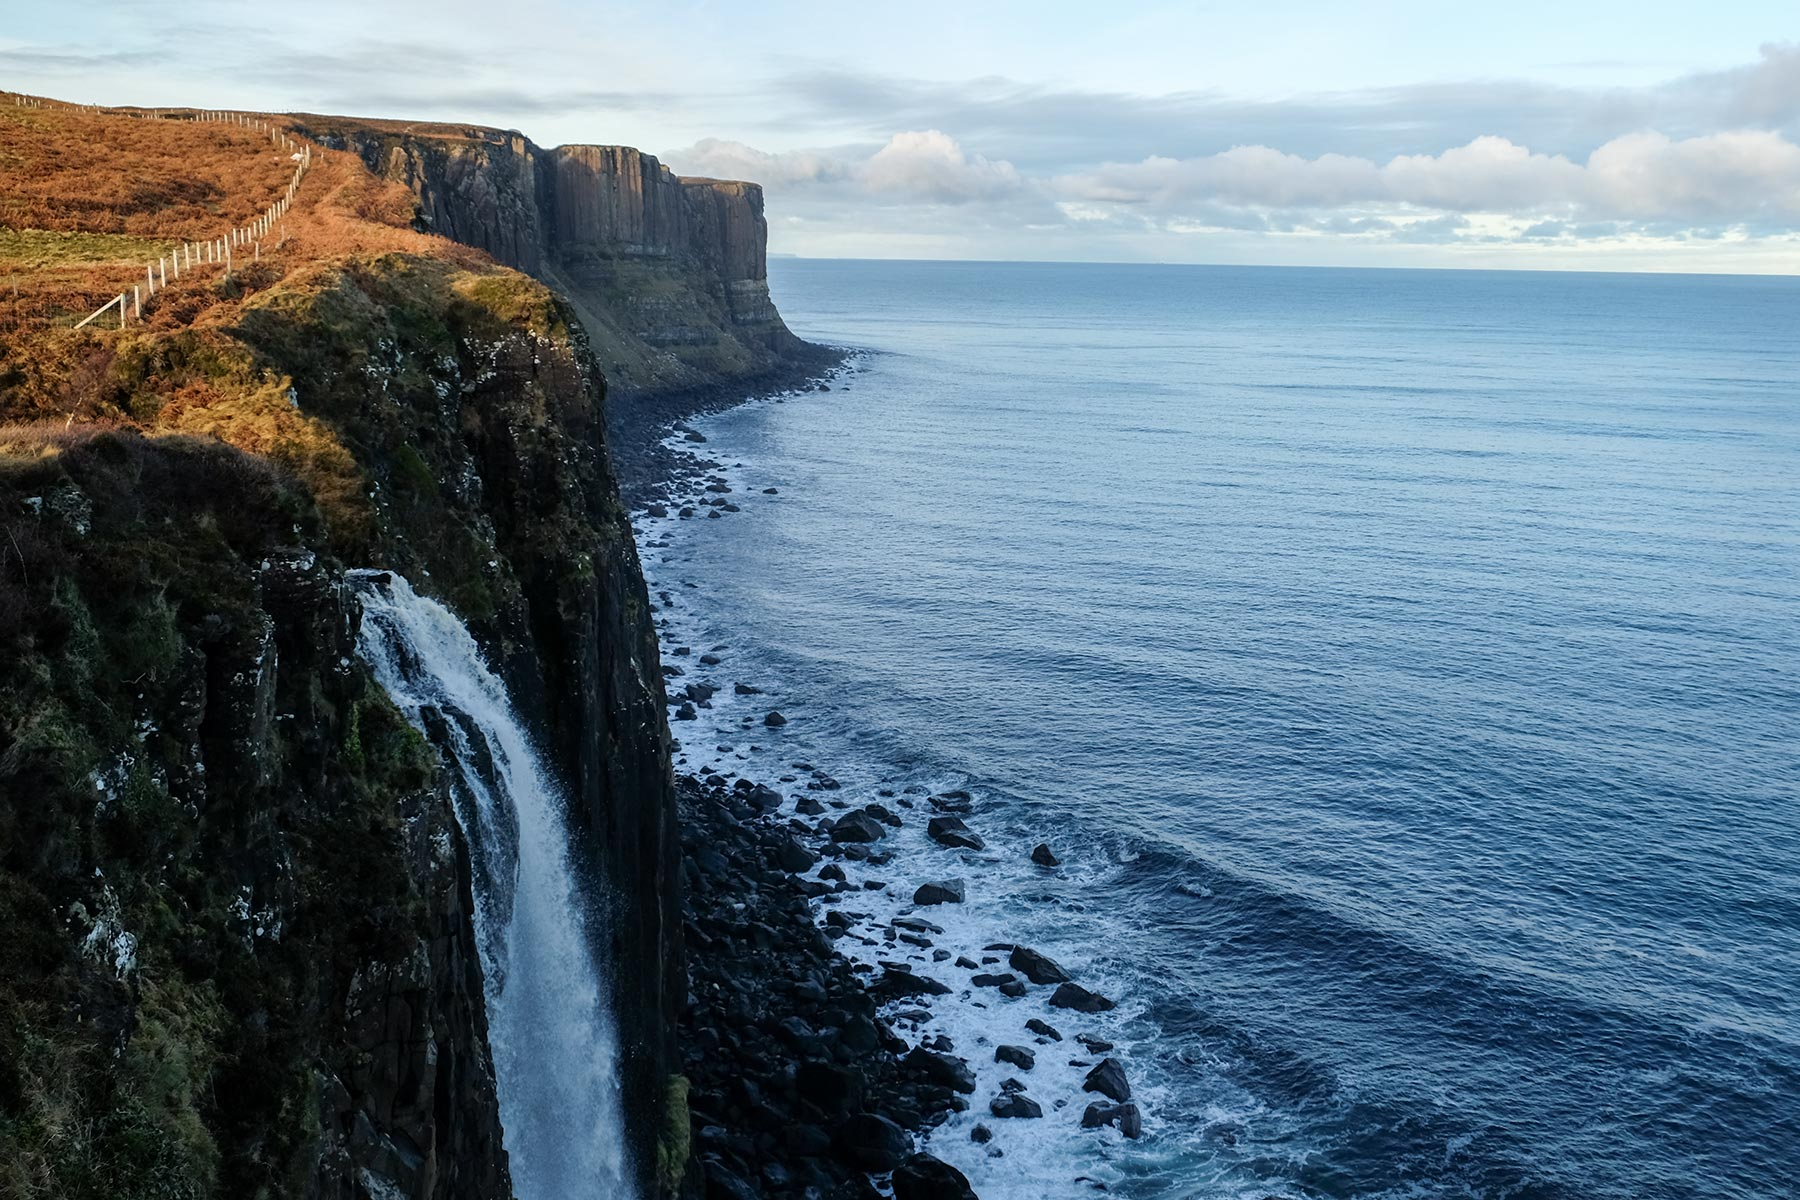 Kilt Rock Aussichtspunkt auf der Isle of Skye, Schottland